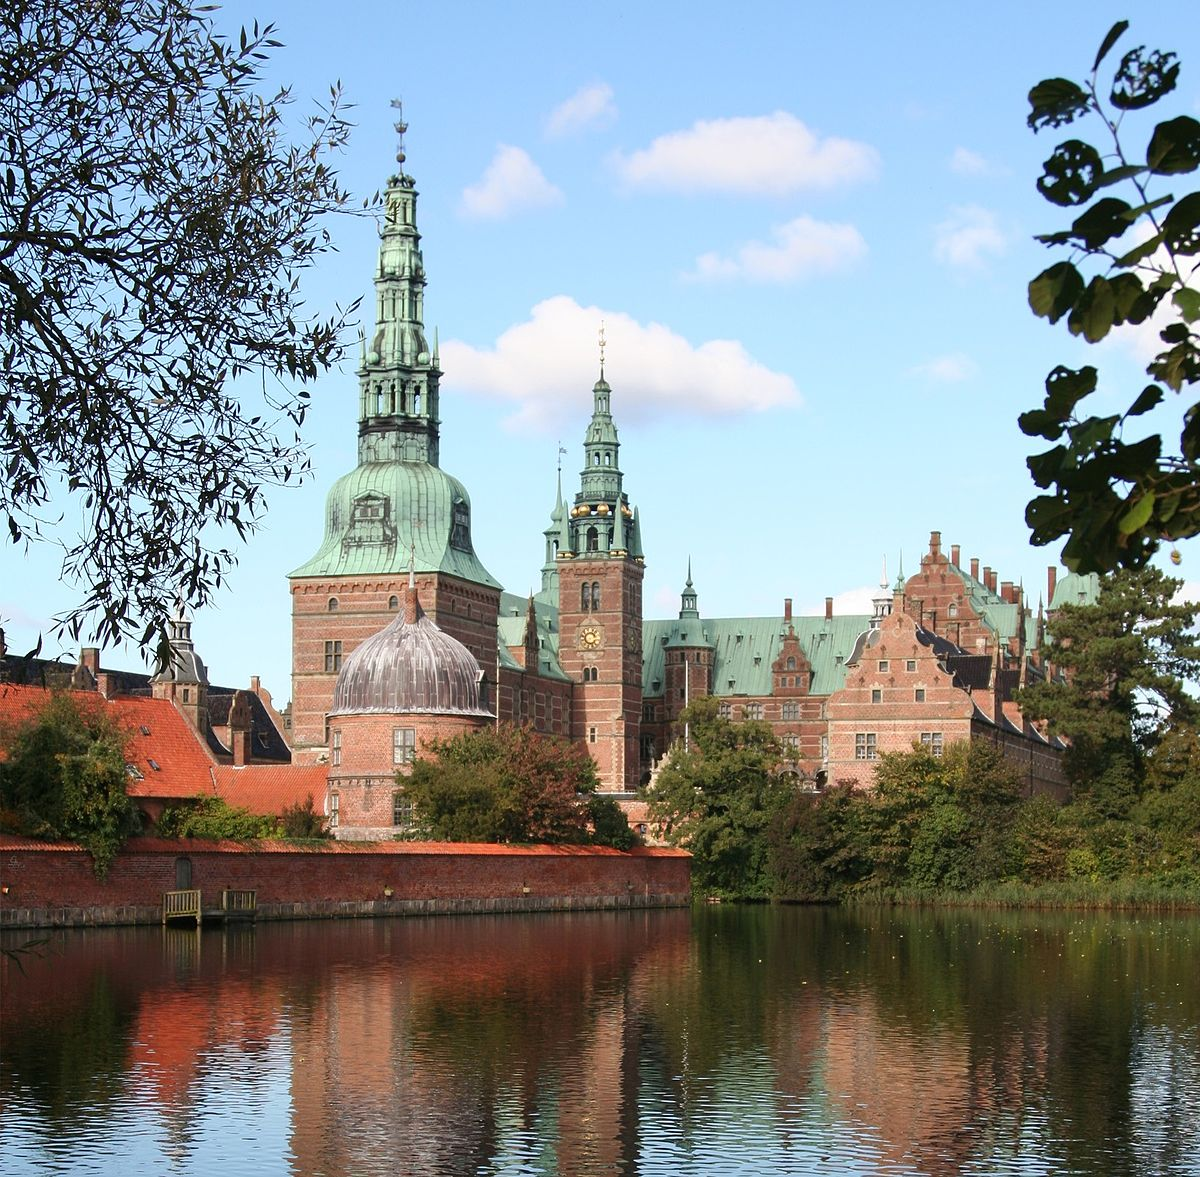 Architecture of Denmark Wikipedia